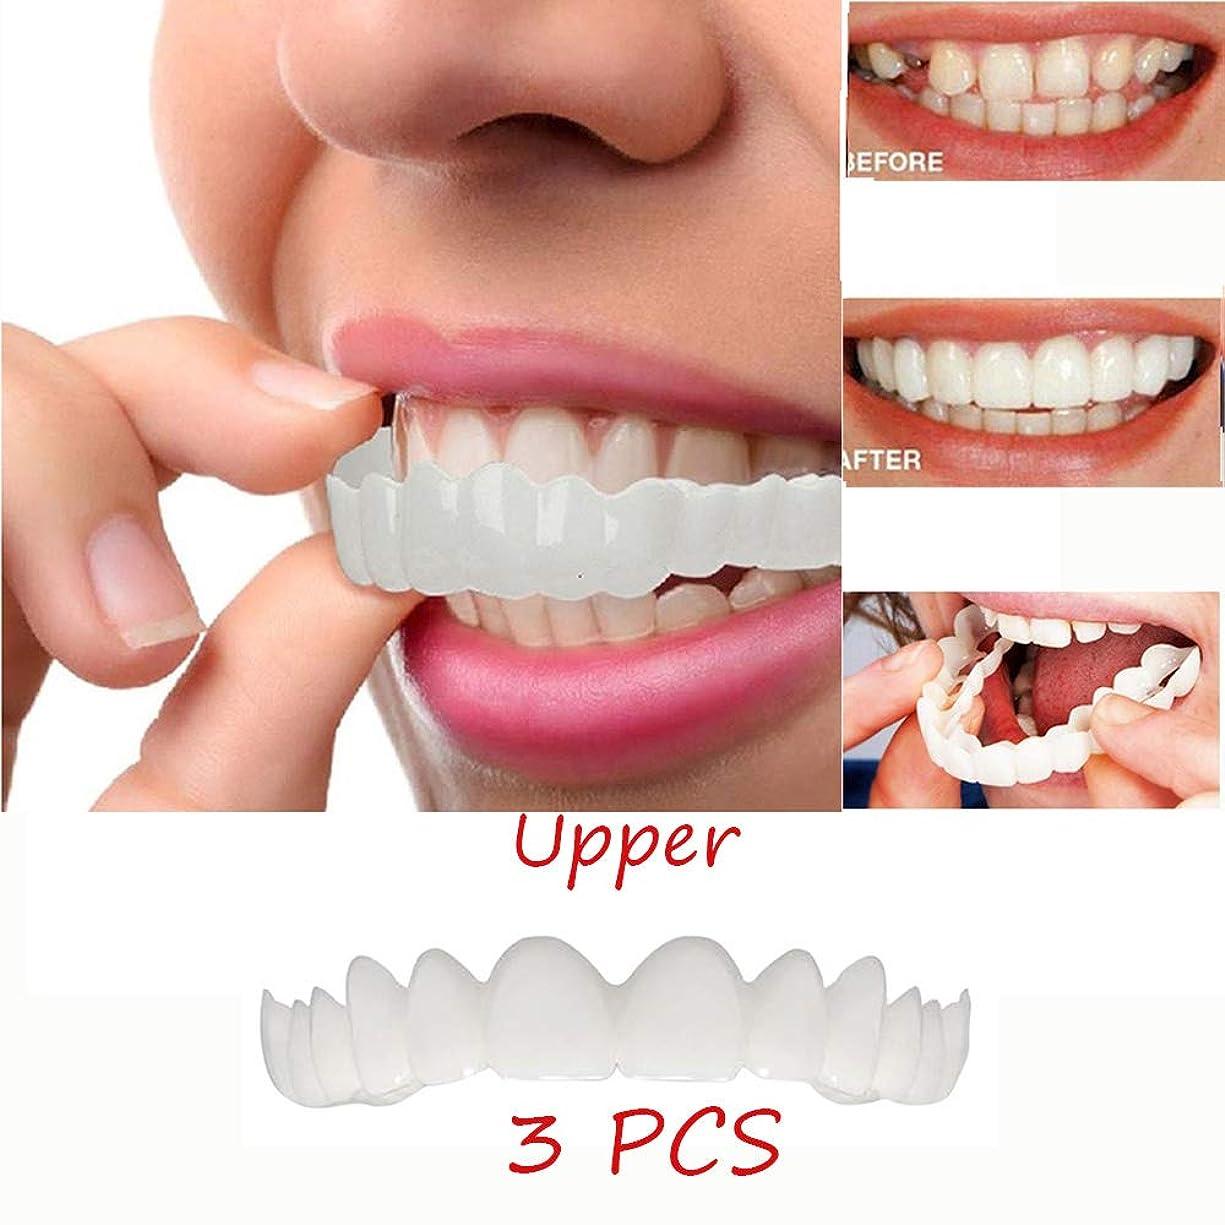 治安判事準備した北へ3ピースホワイトニング入れ歯一時的な笑顔快適なベニア化粧品歯上歯化粧品シミュレーション歯黄色歯黒歯オーラルケア